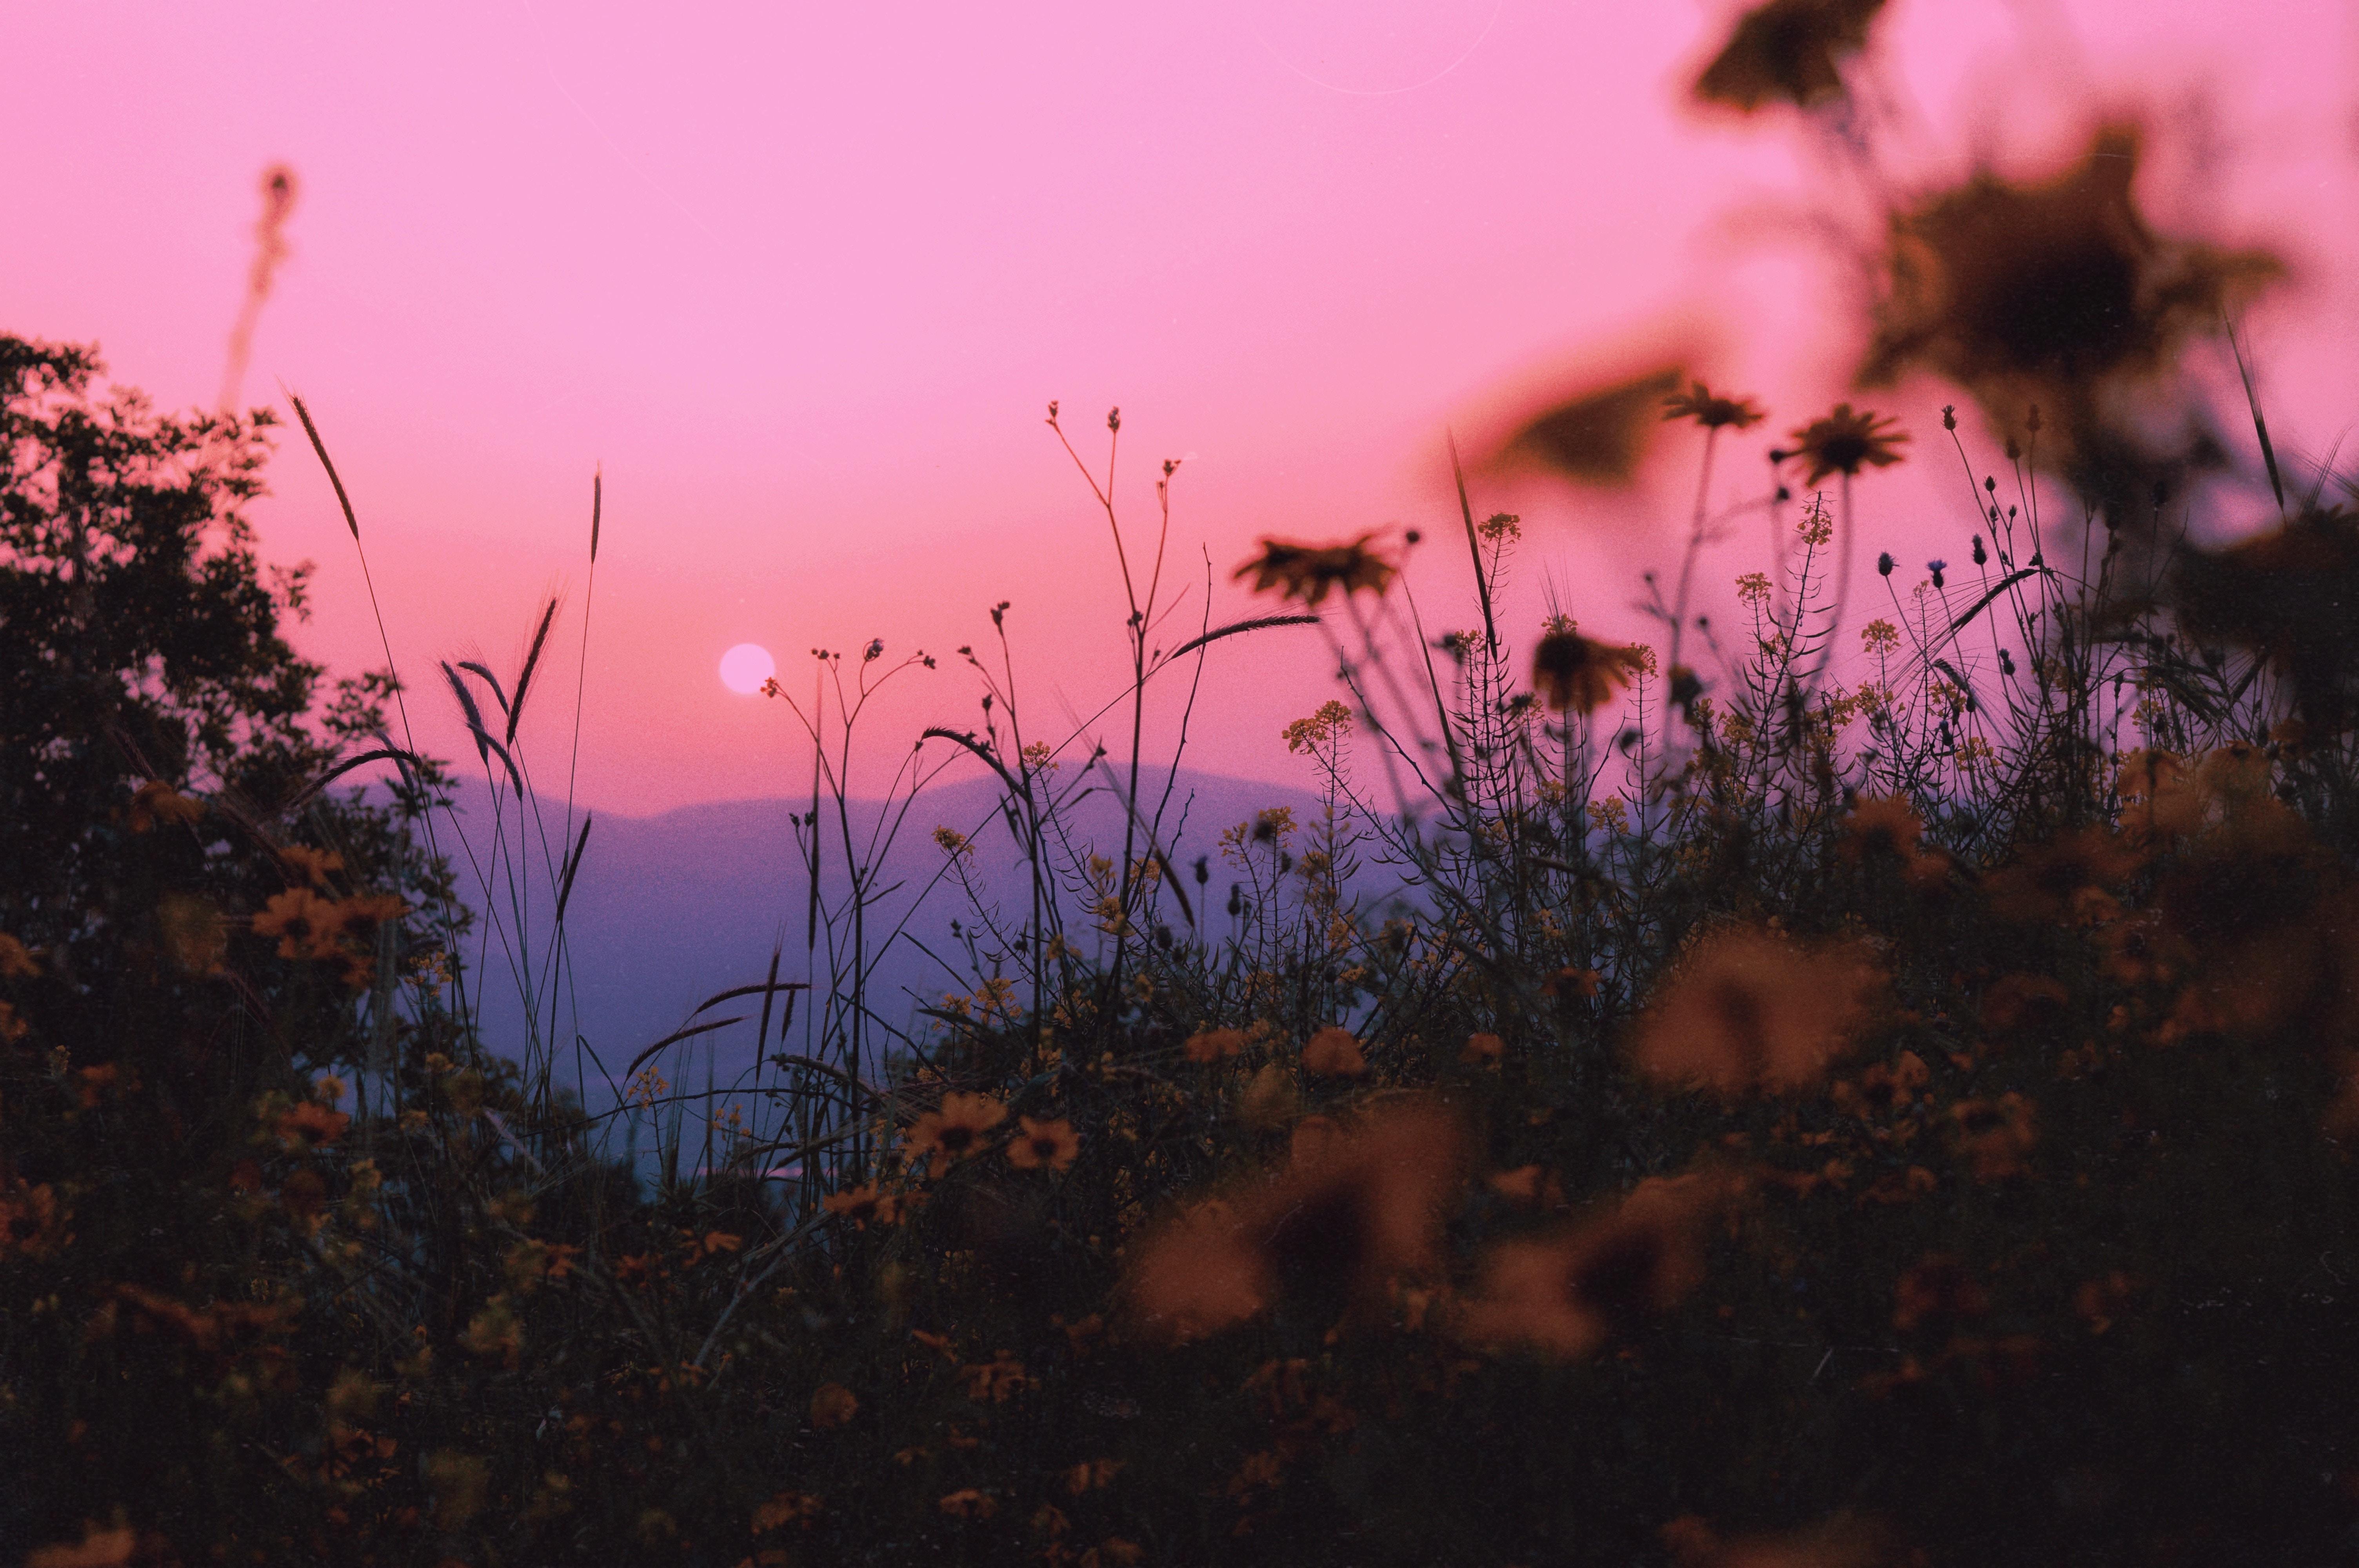 111814 Заставки и Обои Солнце на телефон. Скачать Закат, Пейзаж, Солнце, Природа, Трава, Горы, Горизонт картинки бесплатно